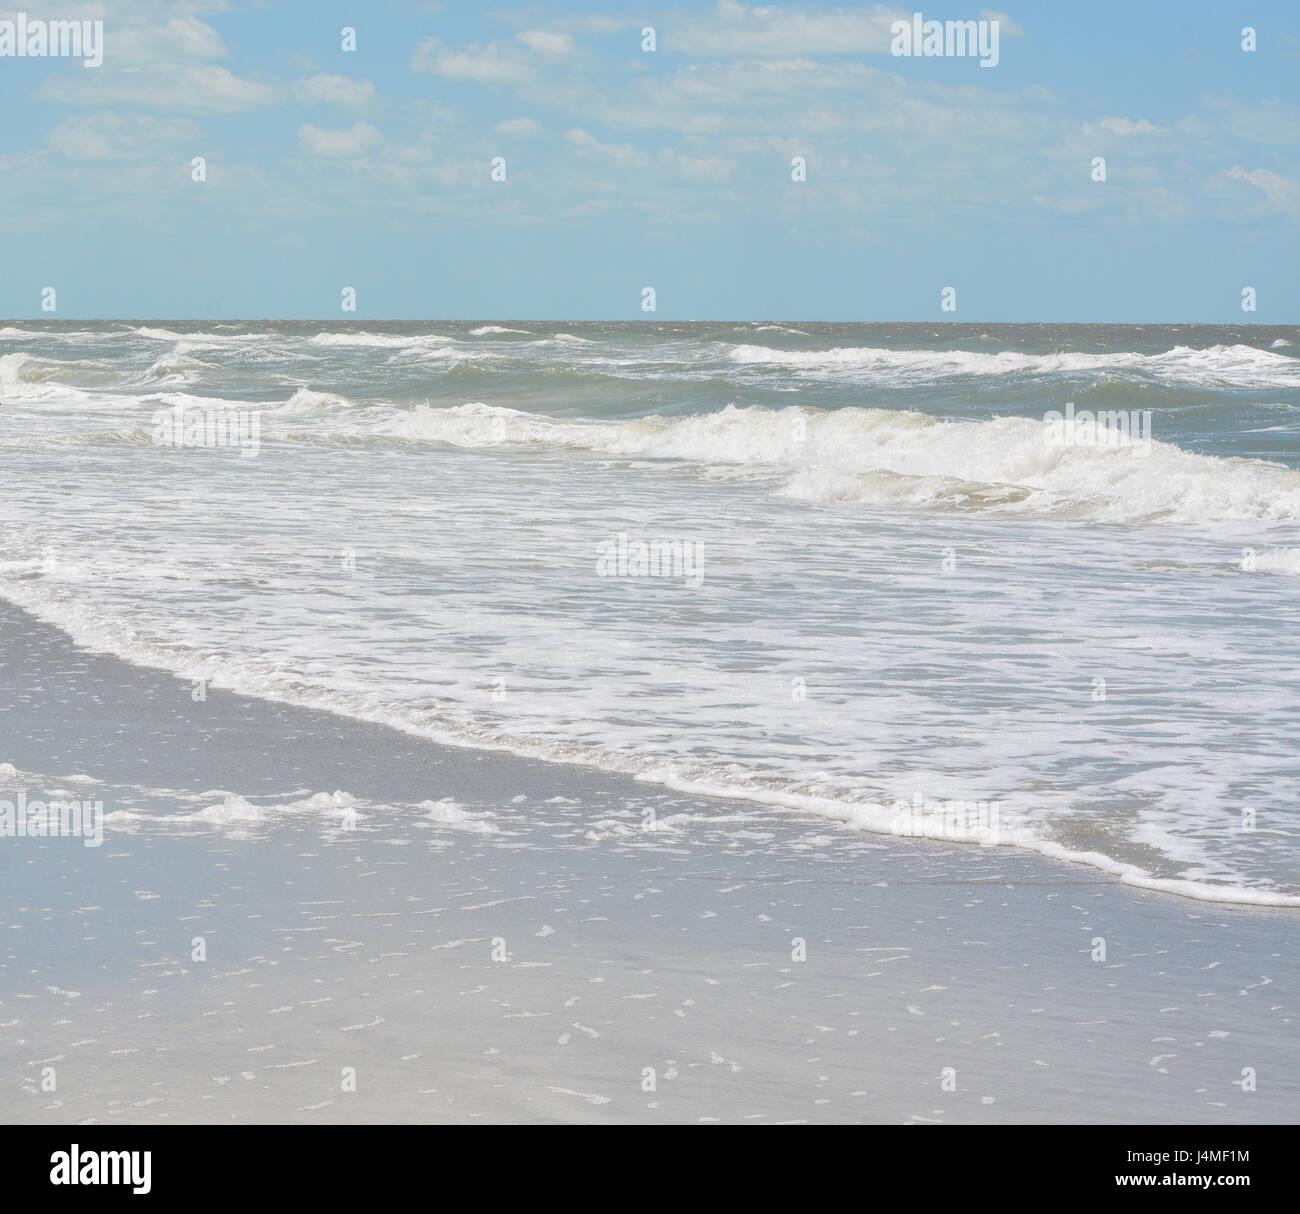 Surf ruvida a Indian Rocks Beach sul Golfo del Messico in Florida. Foto Stock